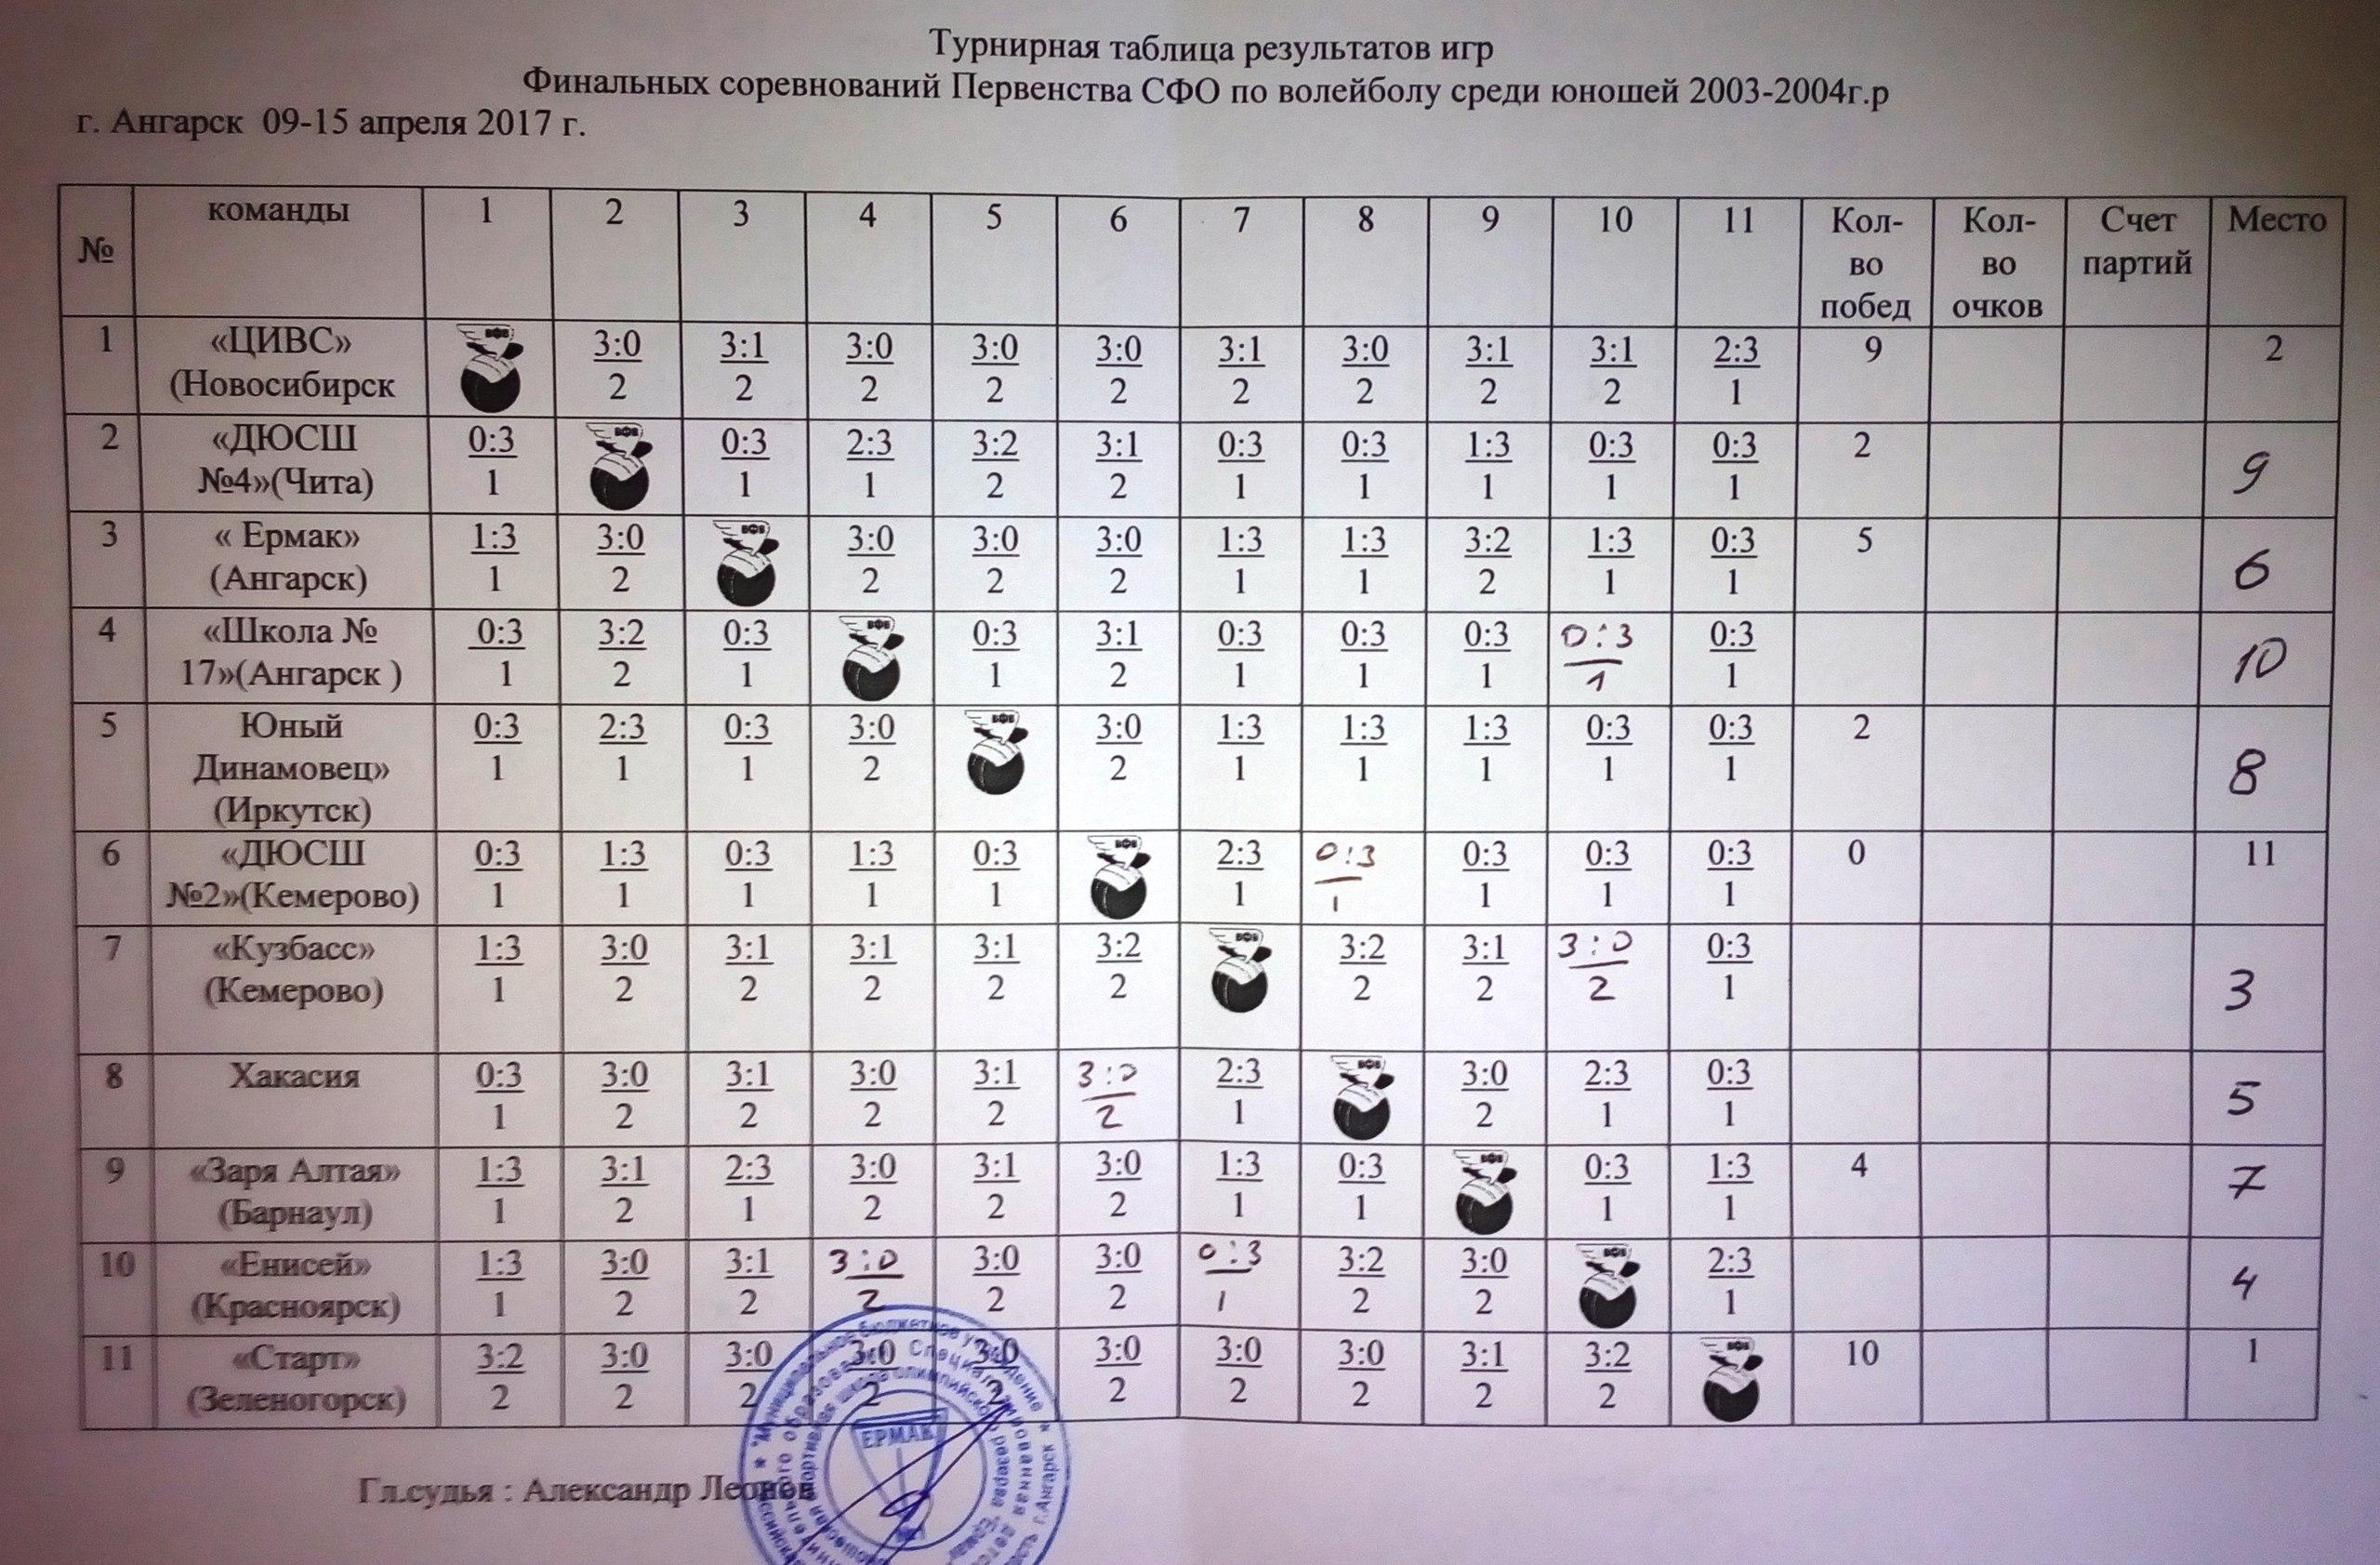 Турнирная таблица г. Ангарск Финал Первенства СФО по волейболу среди команд юношей 2003-2004 г.р.